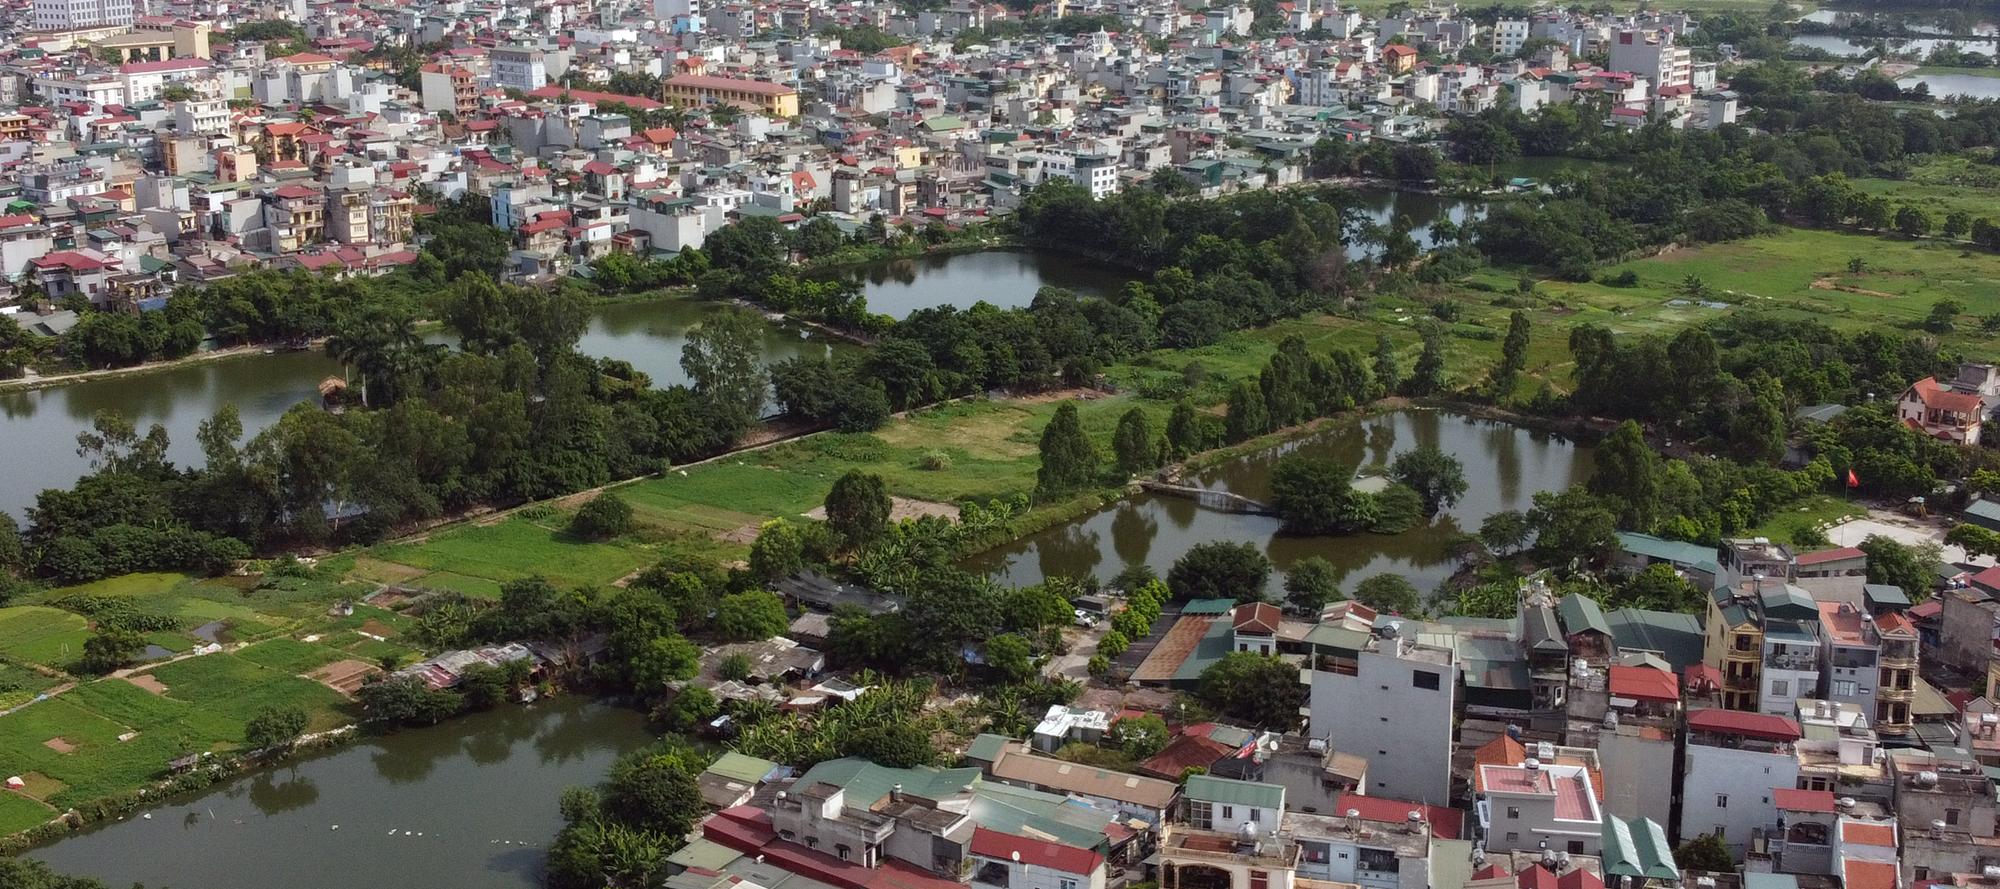 Những mảnh đất sẽ được đào hồ lớn theo qui hoạch ở quận Hoàng Mai - Ảnh 11.